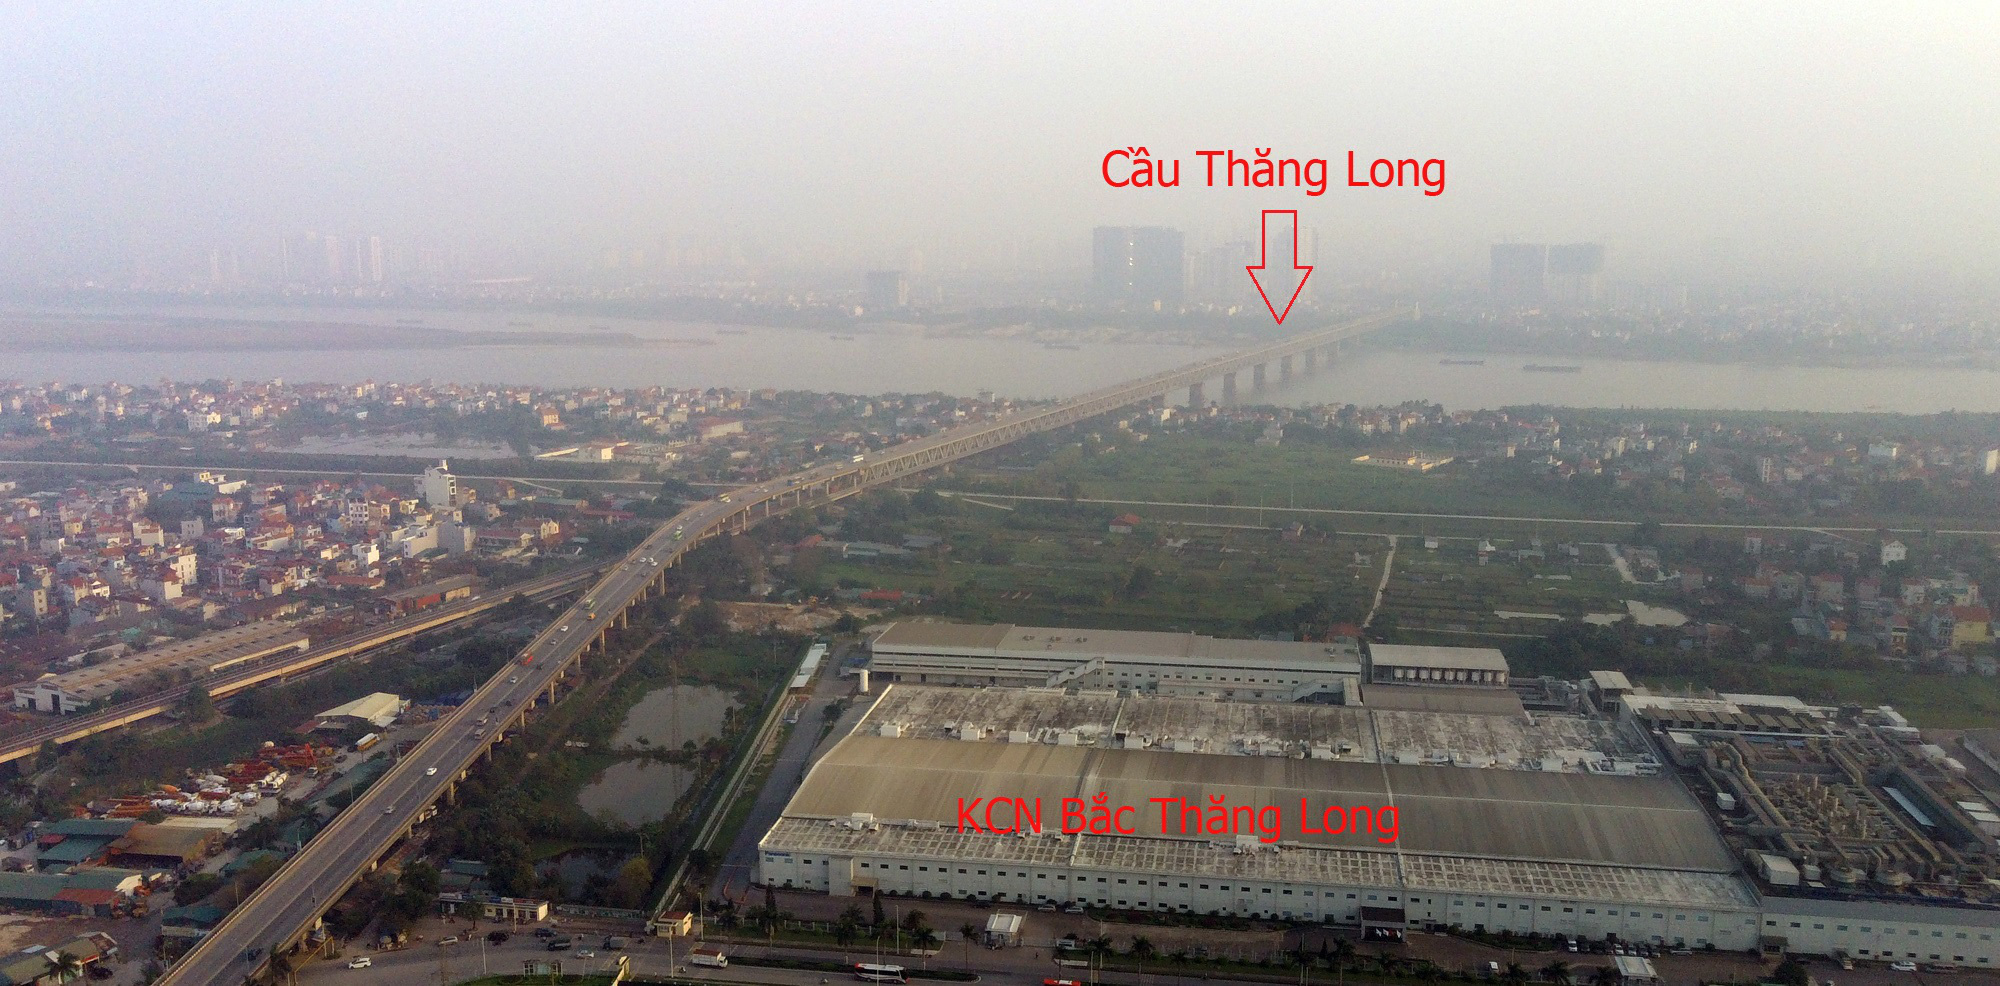 Những dự án sẽ hưởng lợi từ qui hoạch cầu Thượng Cát, Hà Nội - Ảnh 10.